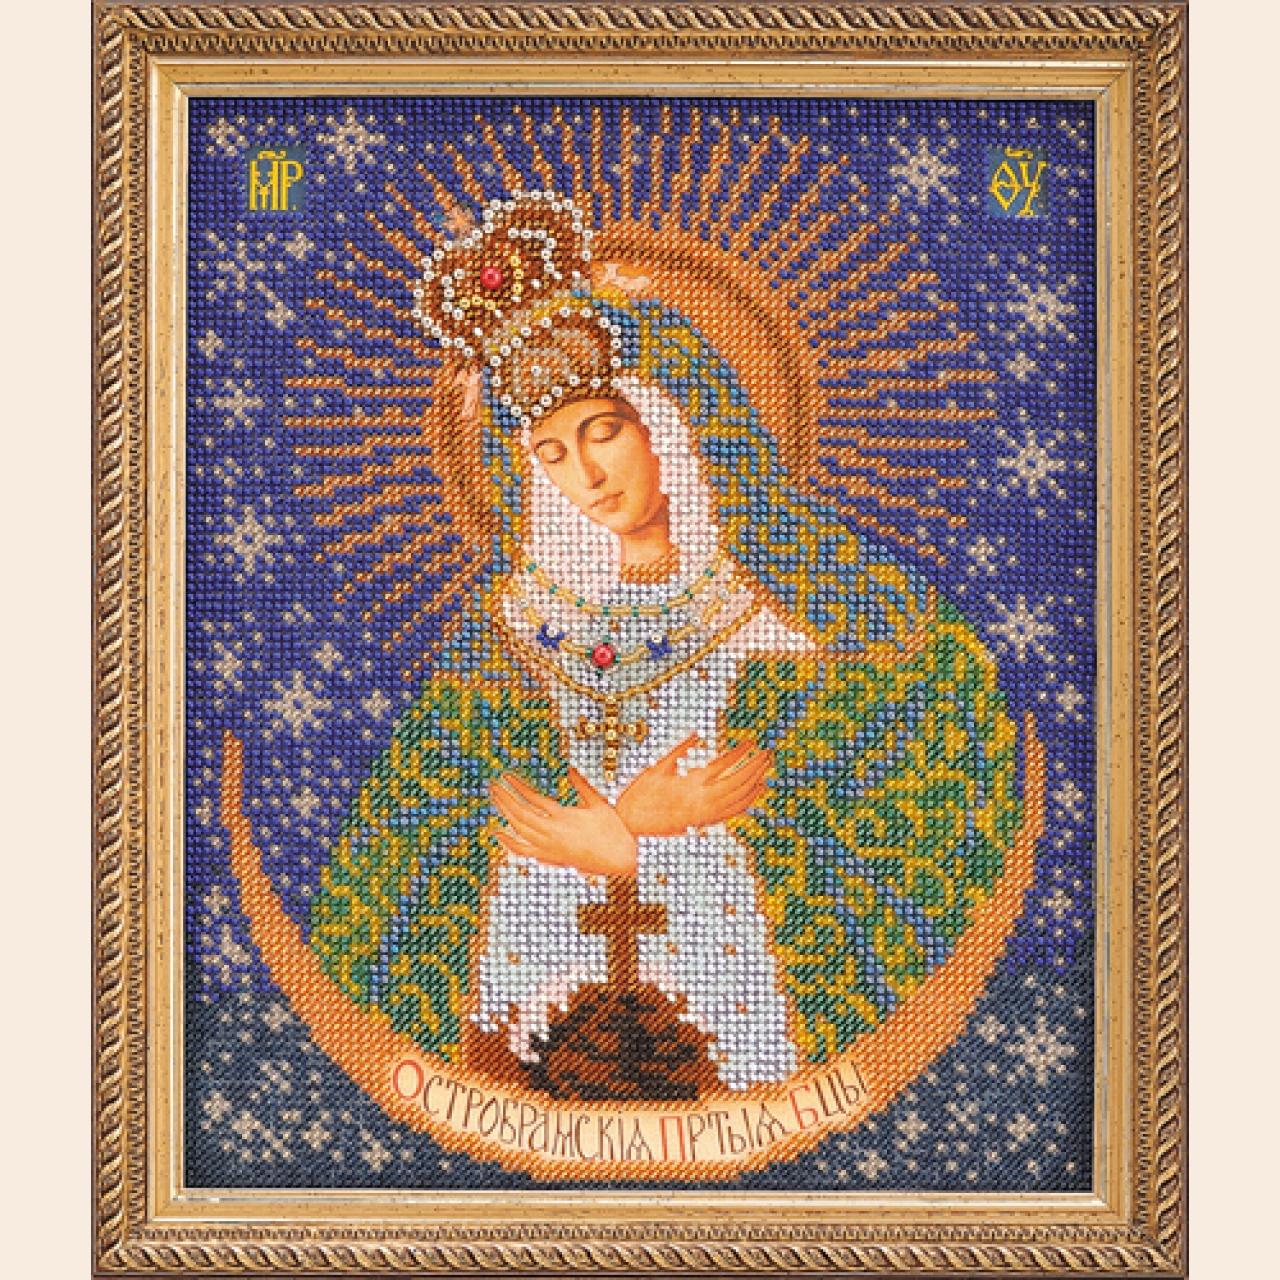 Нажмите, чтобы увеличить фото Набор для вышивания бисером - Остробрамская Богородица.